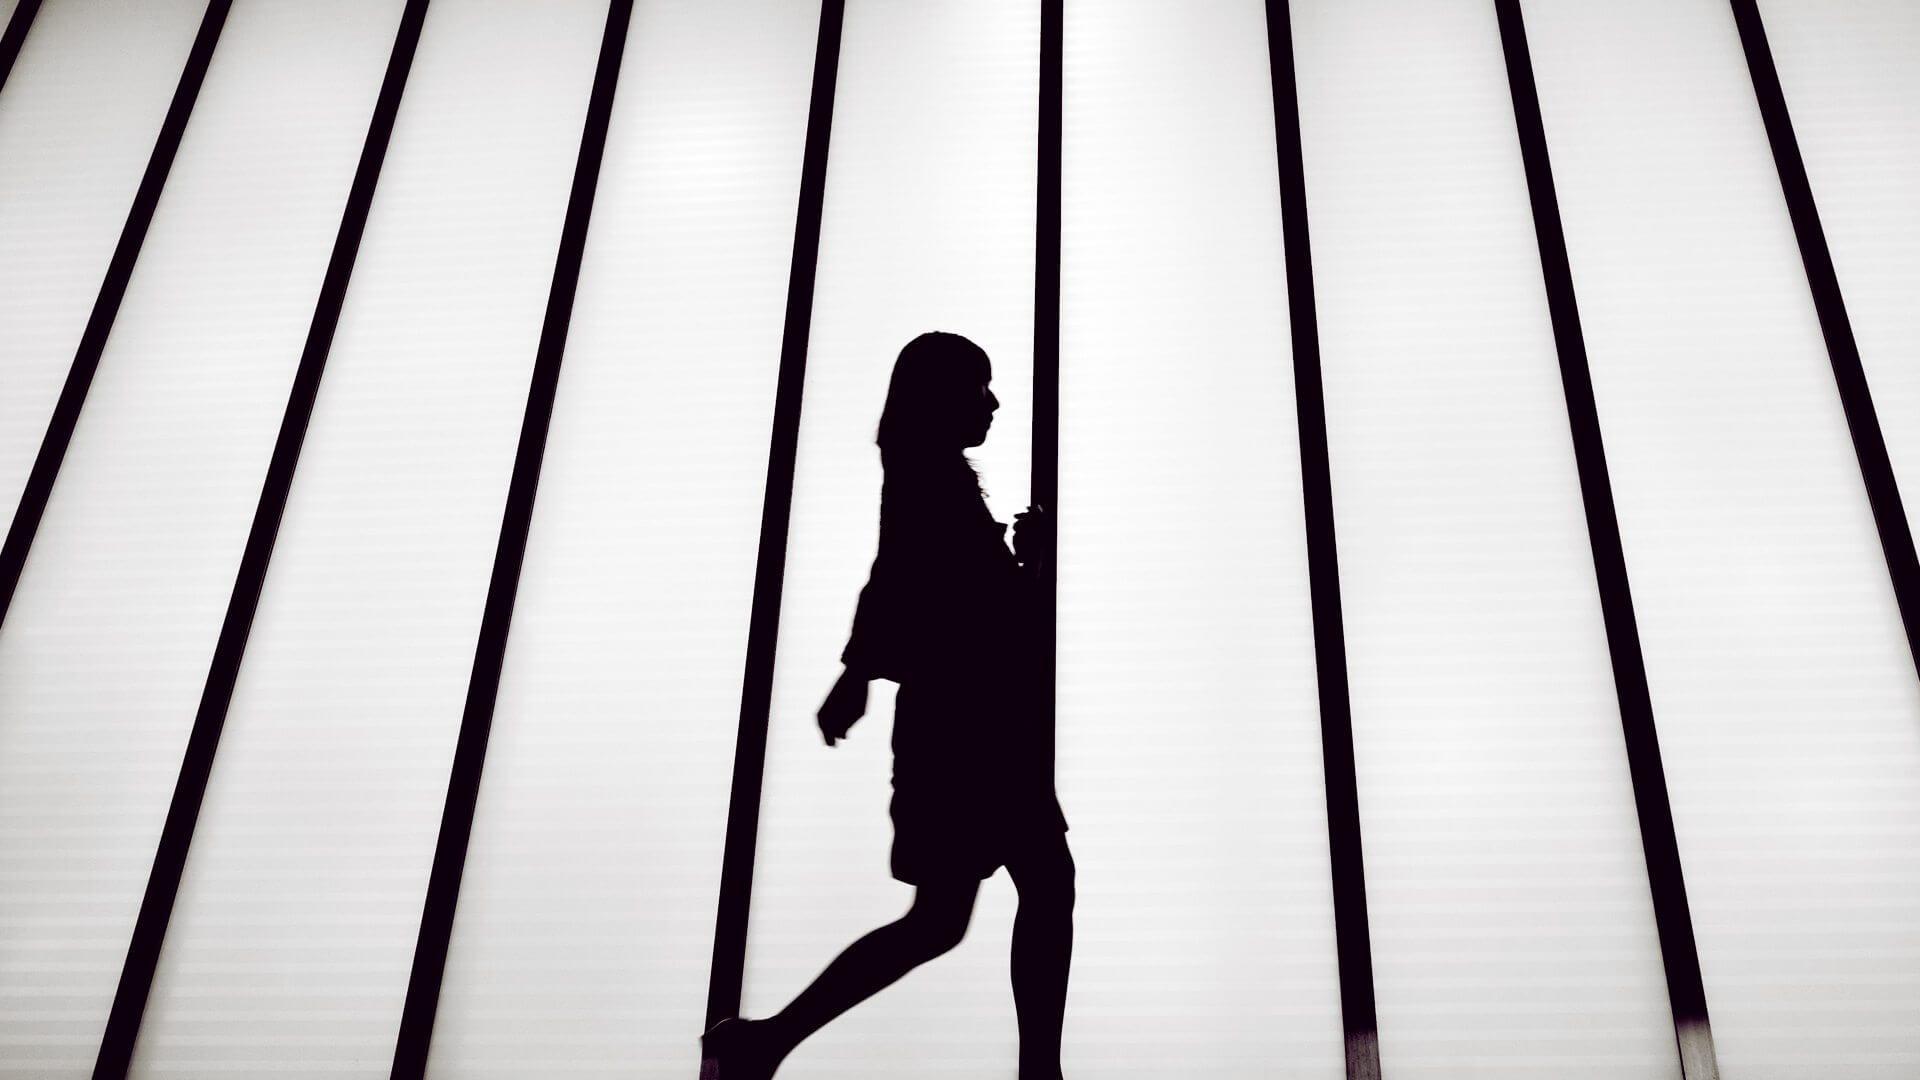 smt athena capa - Athena da Roar for Good é um dispositivo que pode ajudar as mulheres contra o assédio